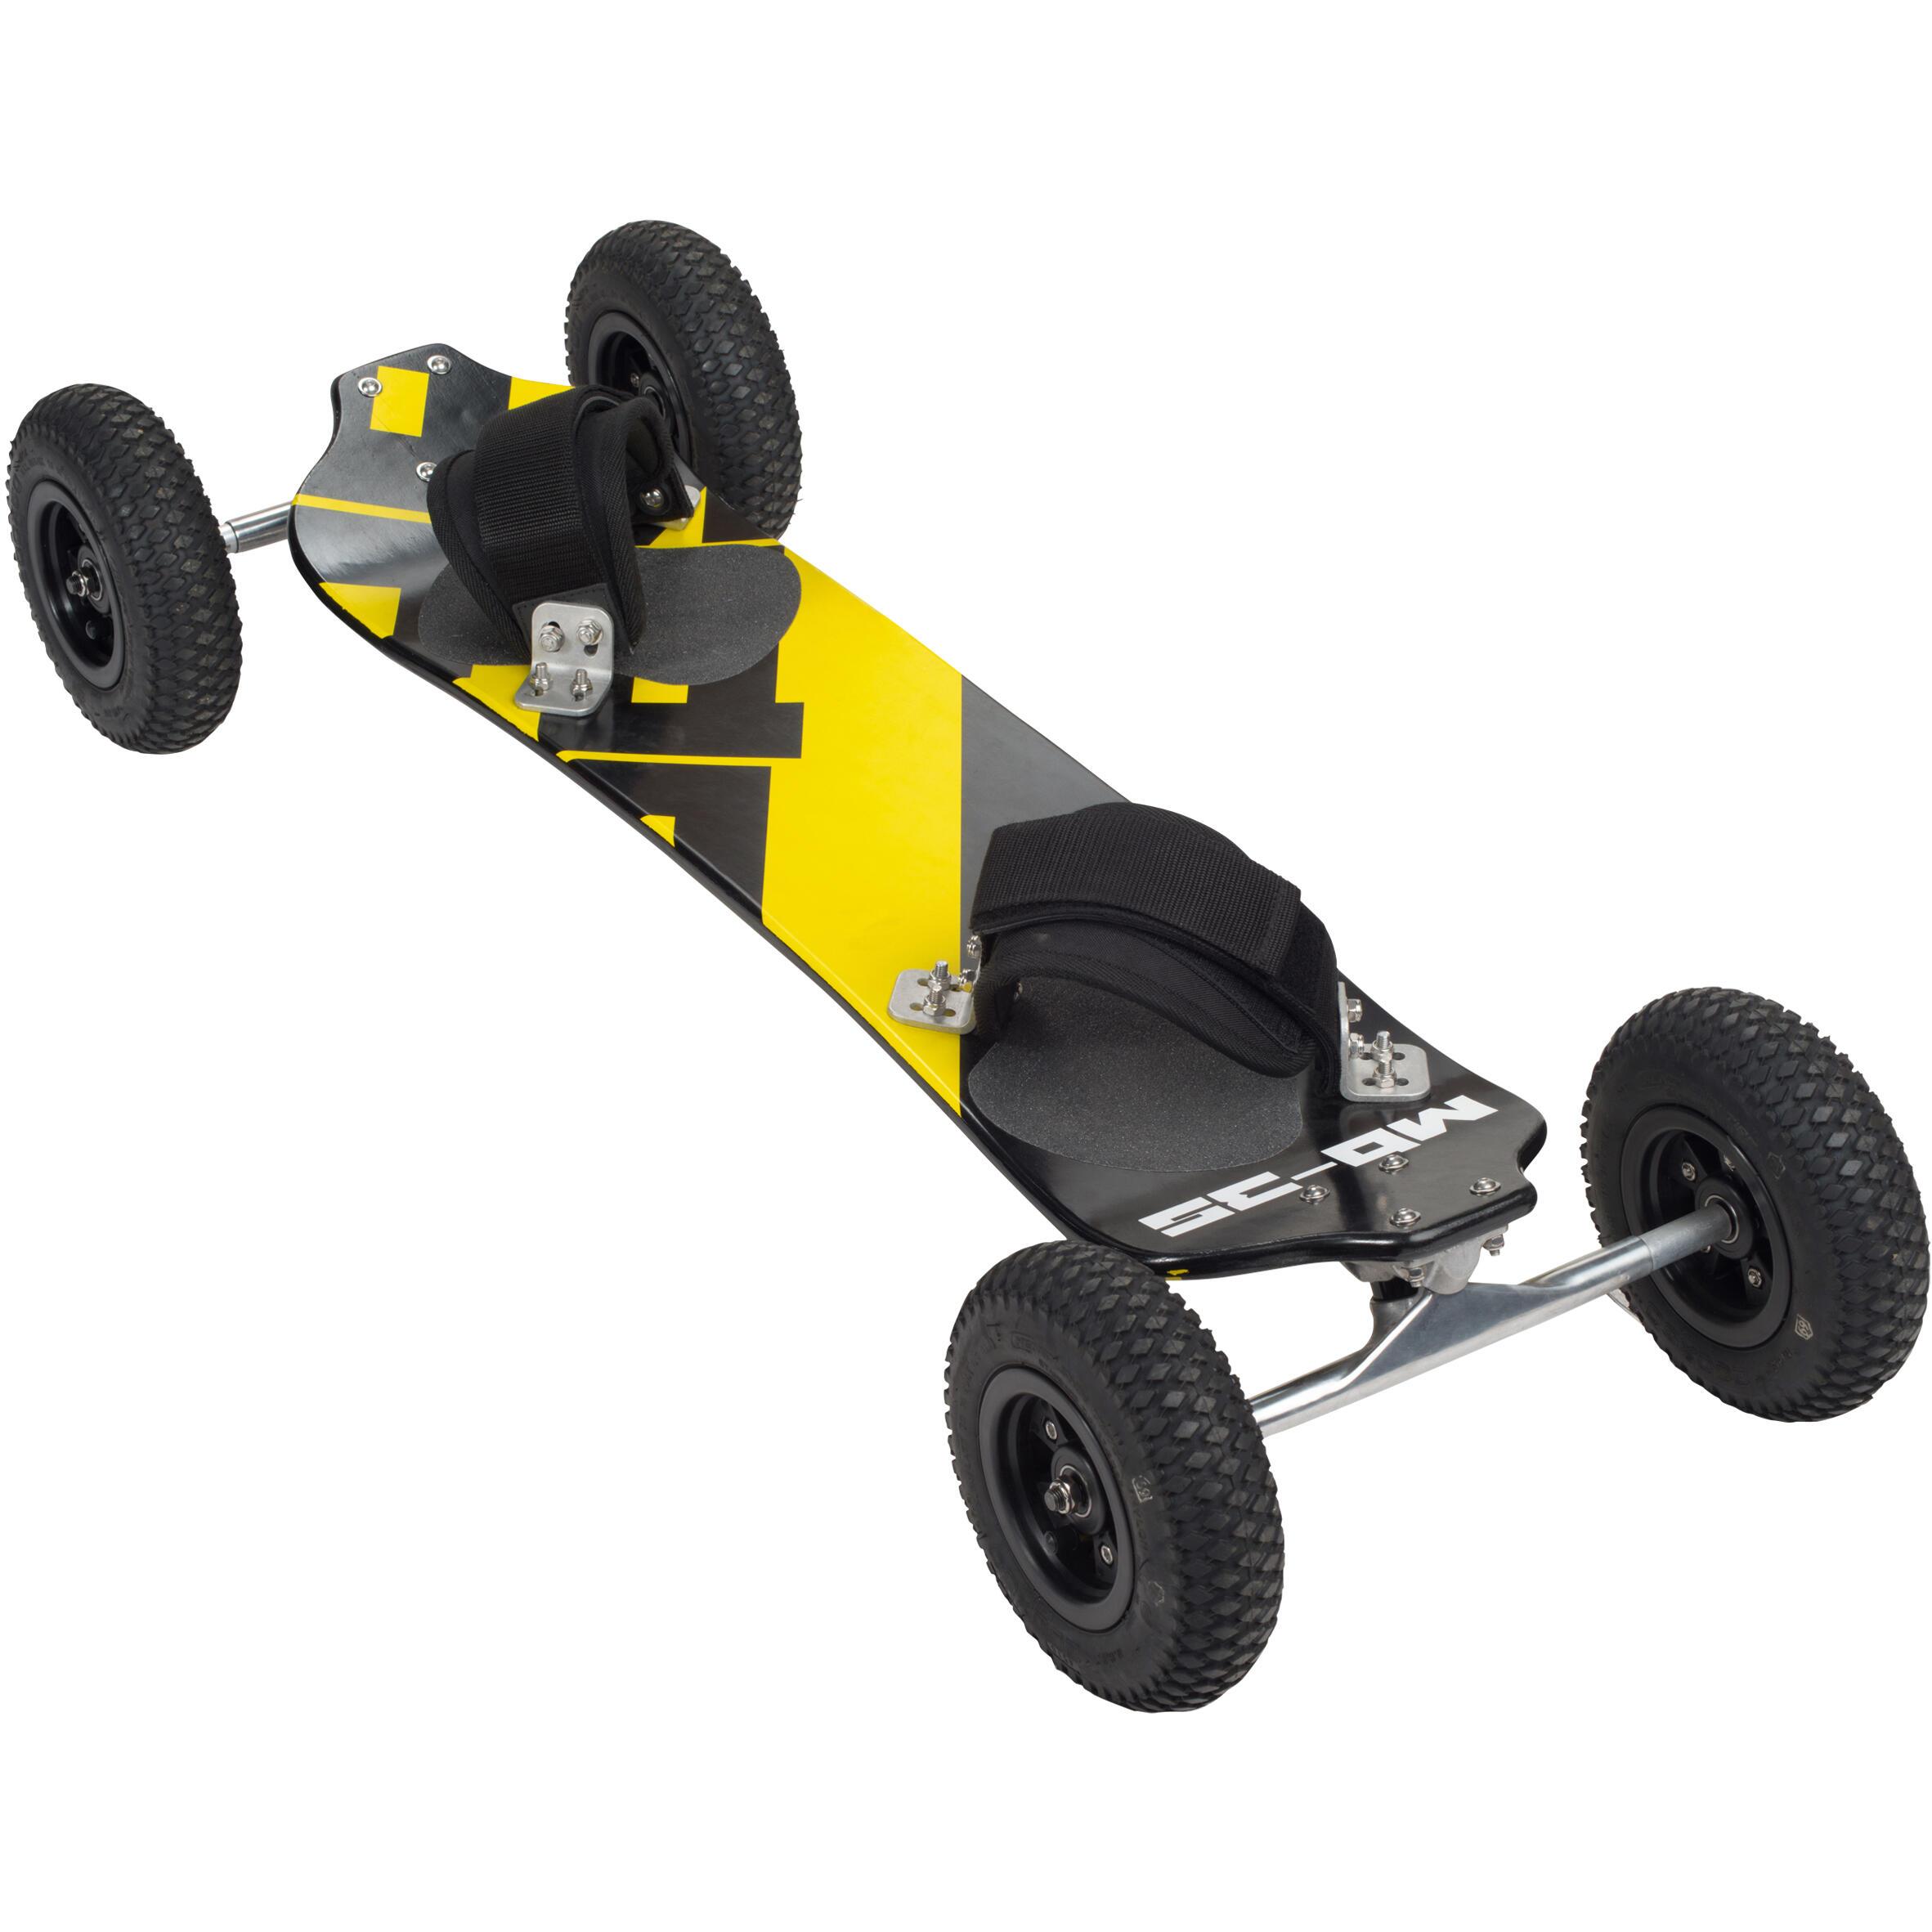 Mountainboards kopen met voordeel